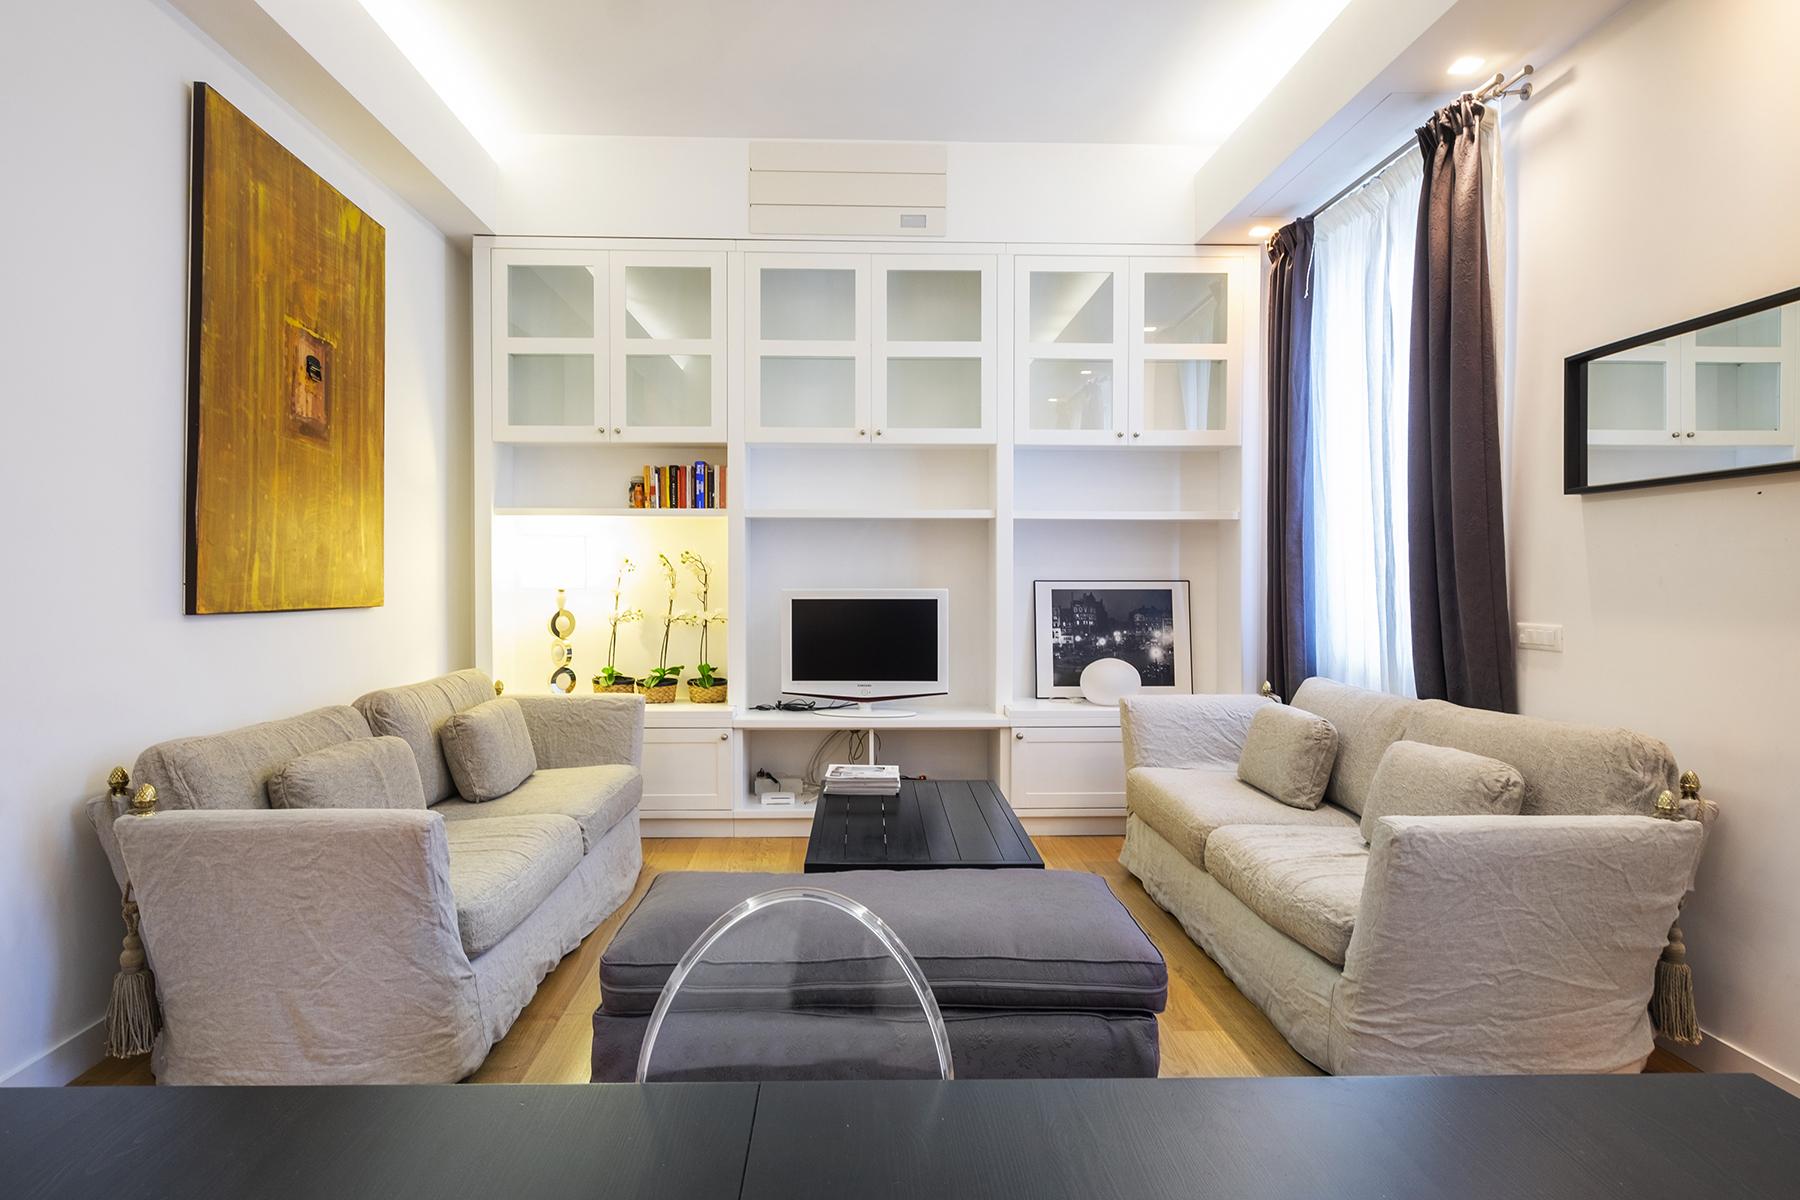 Appartamento in Vendita a Roma 02 Parioli / Pinciano / Flaminio: 3 locali, 77 mq